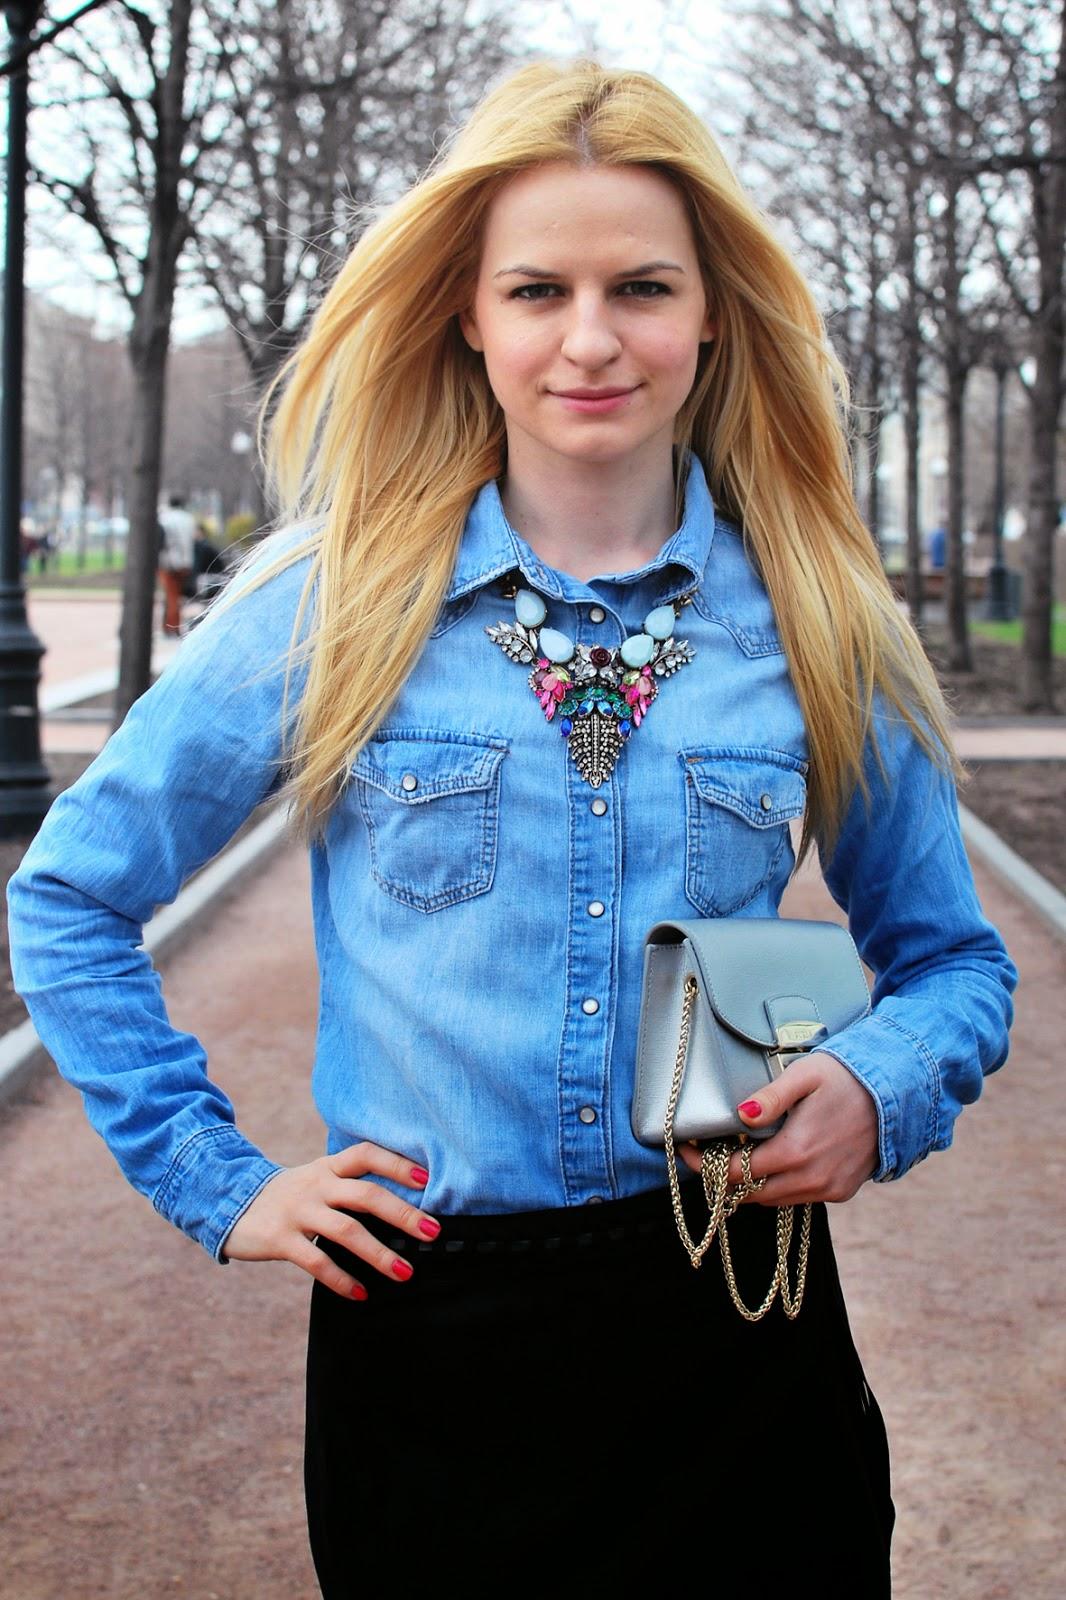 модыне образ, уличная мода, с чем носить юбку с бахромой,с чем носить джинсовую рубашку